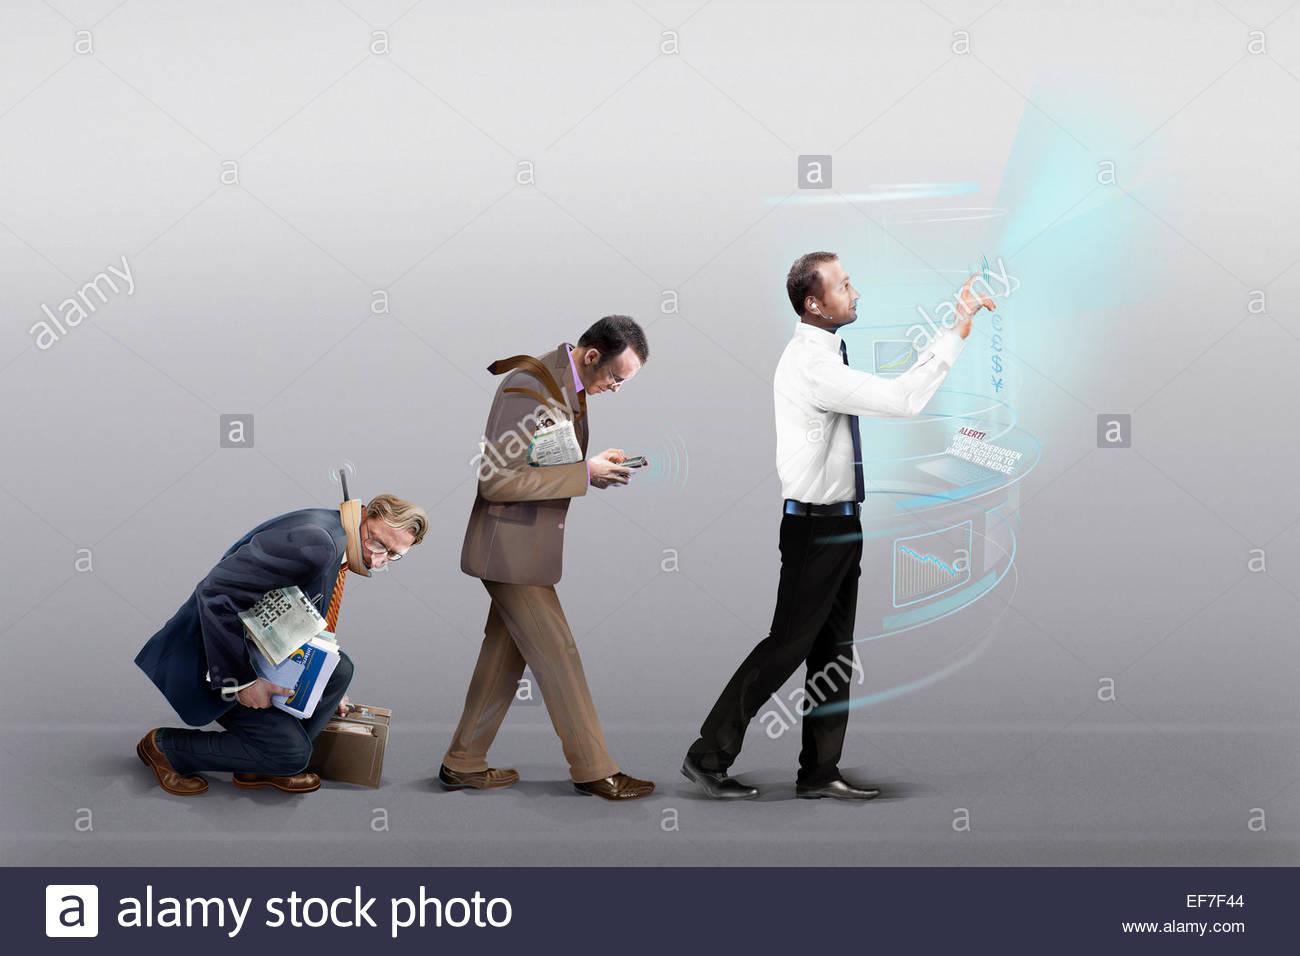 Tre uomini di affari in stadi di evoluzione del mobile communication technology Immagini Stock